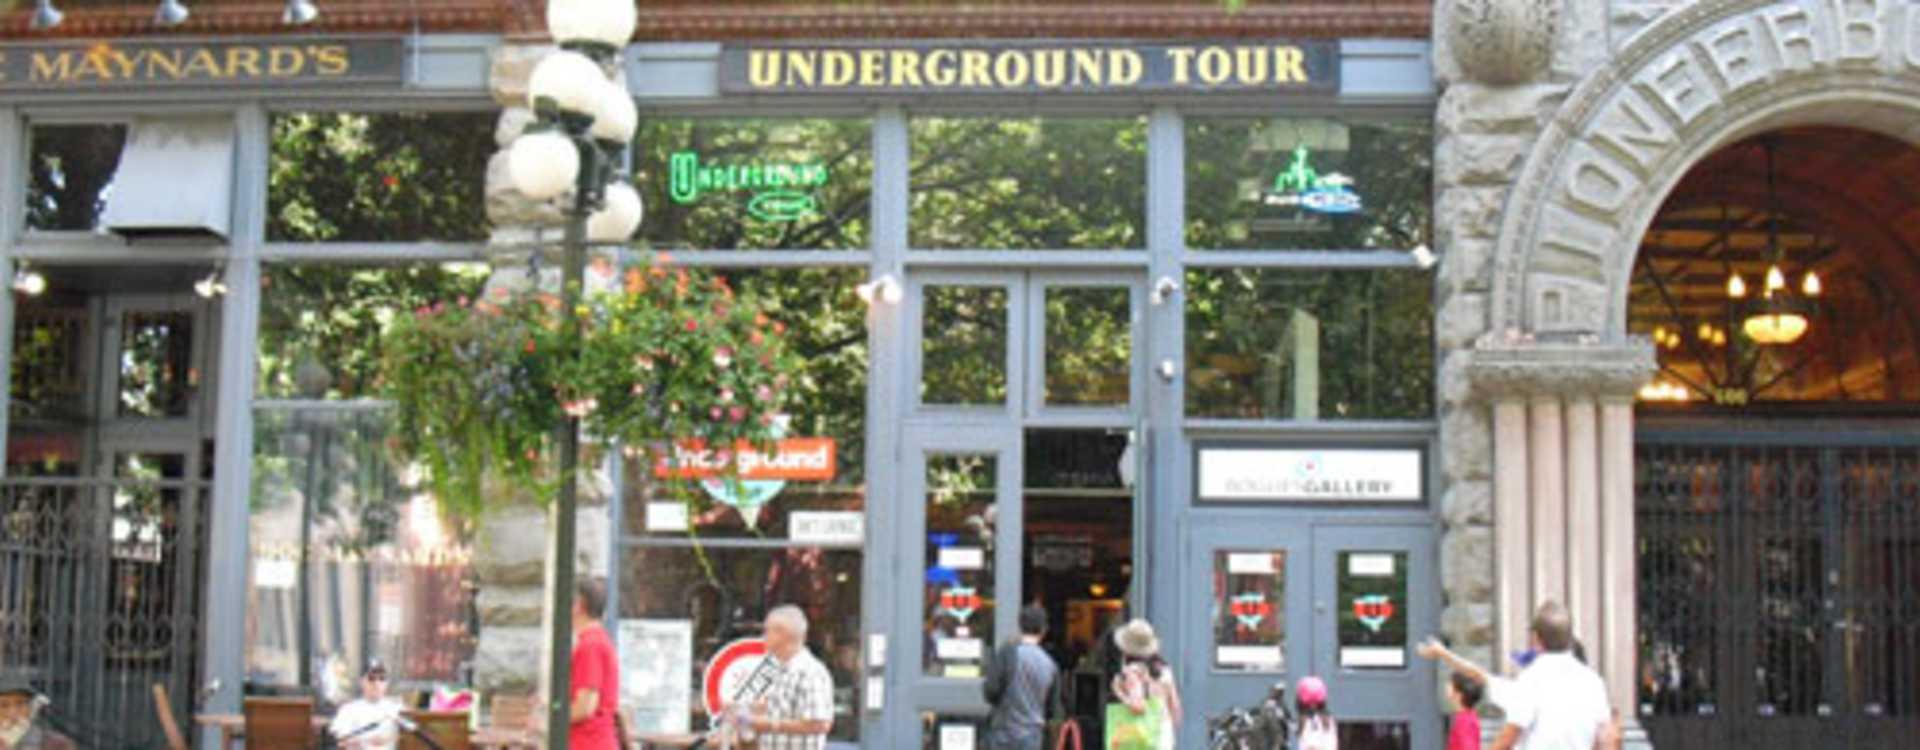 Underground_Tour.jpg